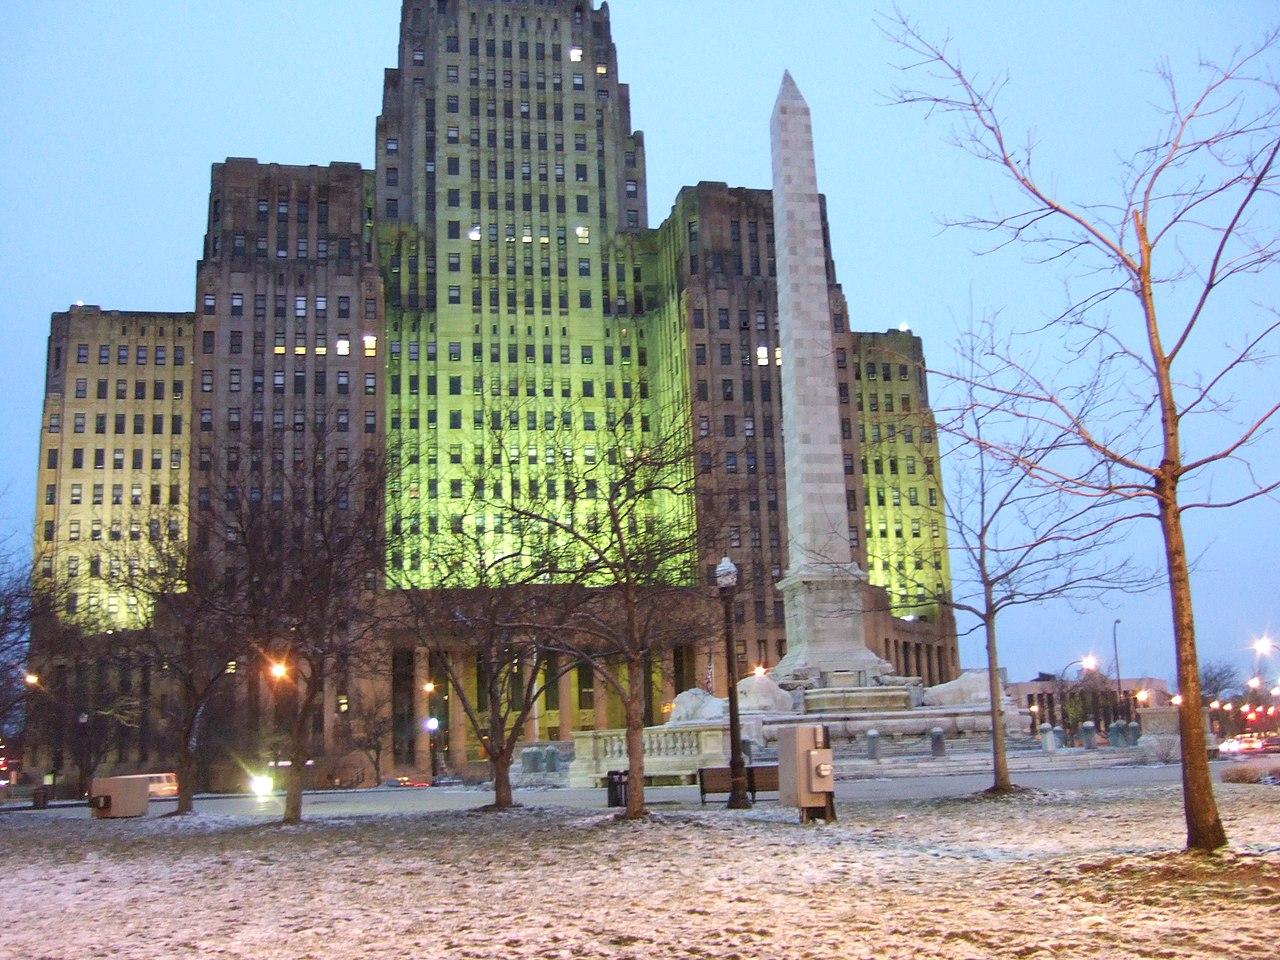 Buffalo New York Craigslist Cars